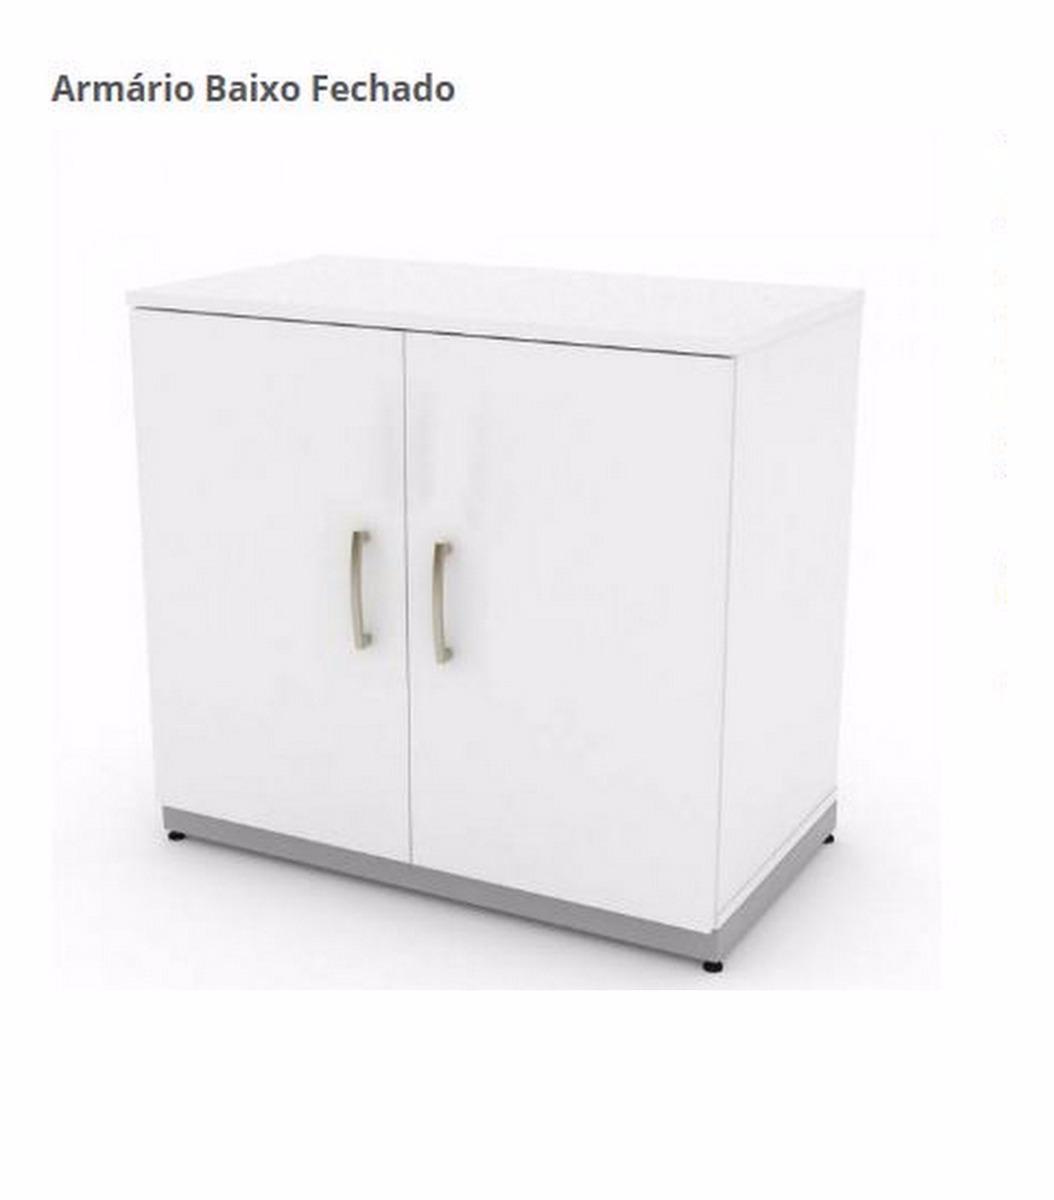 Aparador Relva Electrico ~ Armário Baixo Fechado Em Mdf R$ 530,00 em Mercado Livre